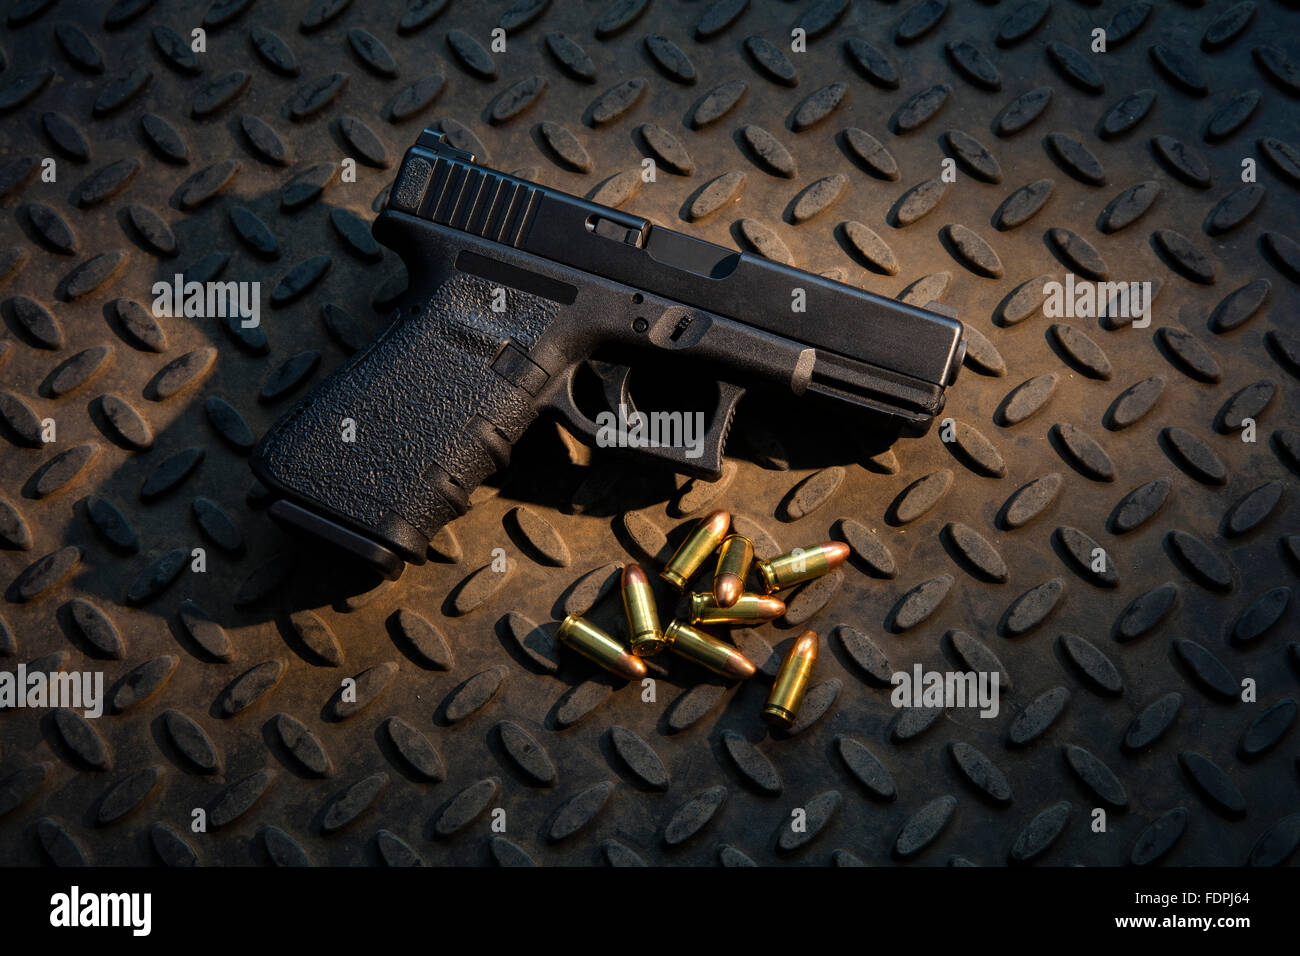 Pistola semiautomática de 9mm con munición real. Imagen De Stock